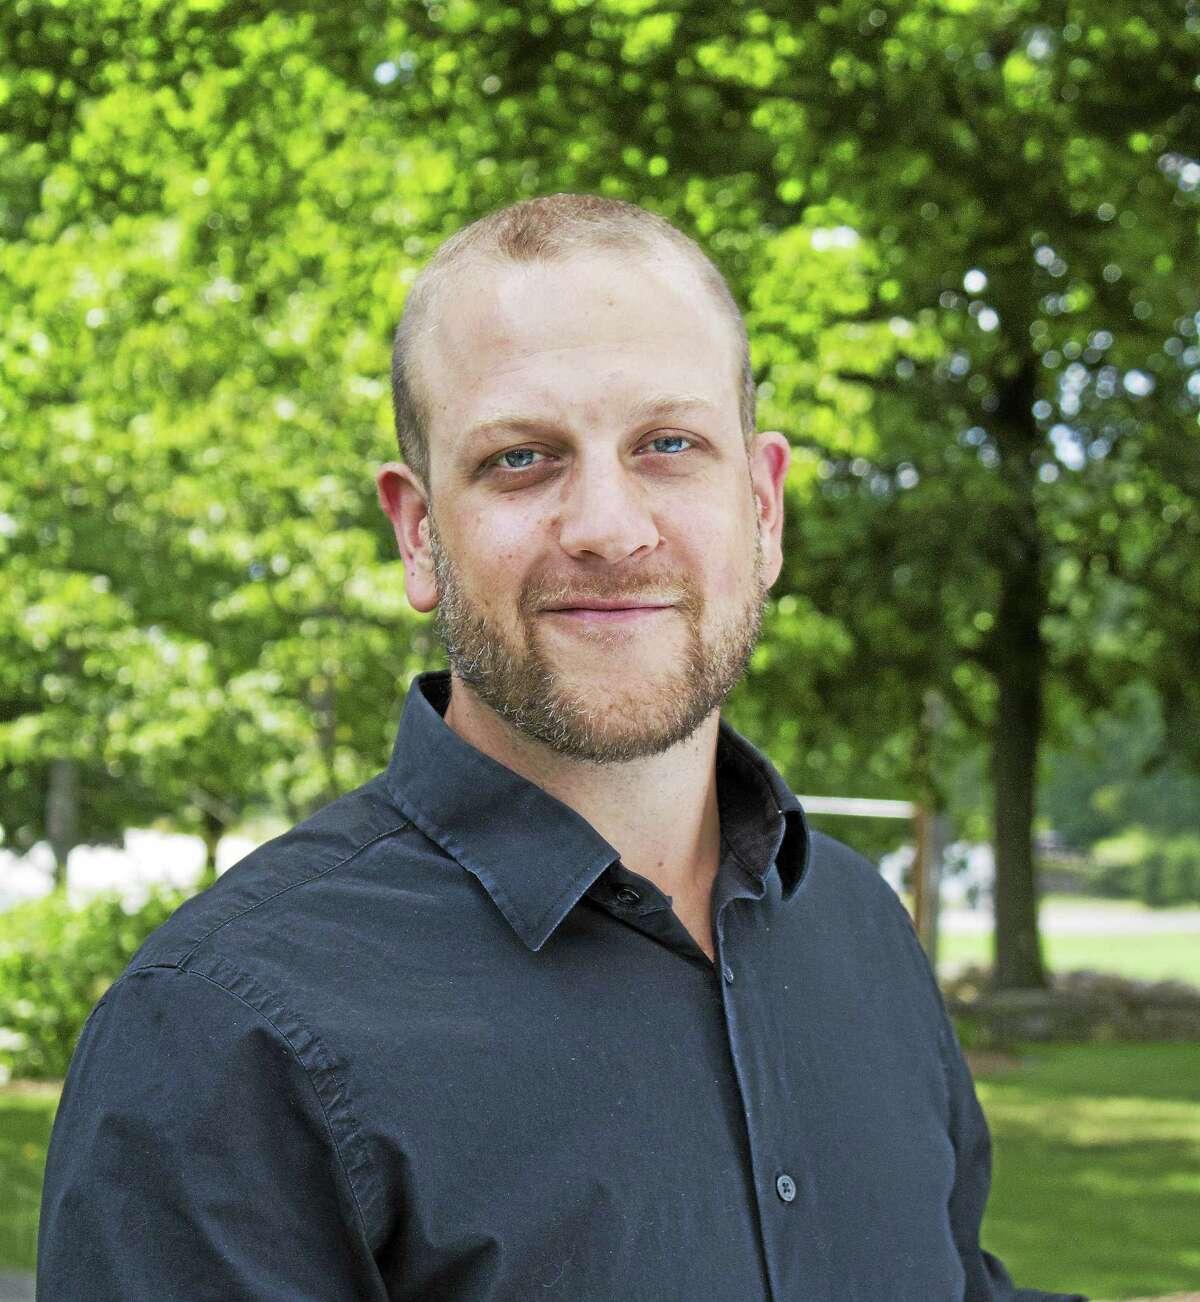 Jeffrey D'Ambrosio of Cromwell